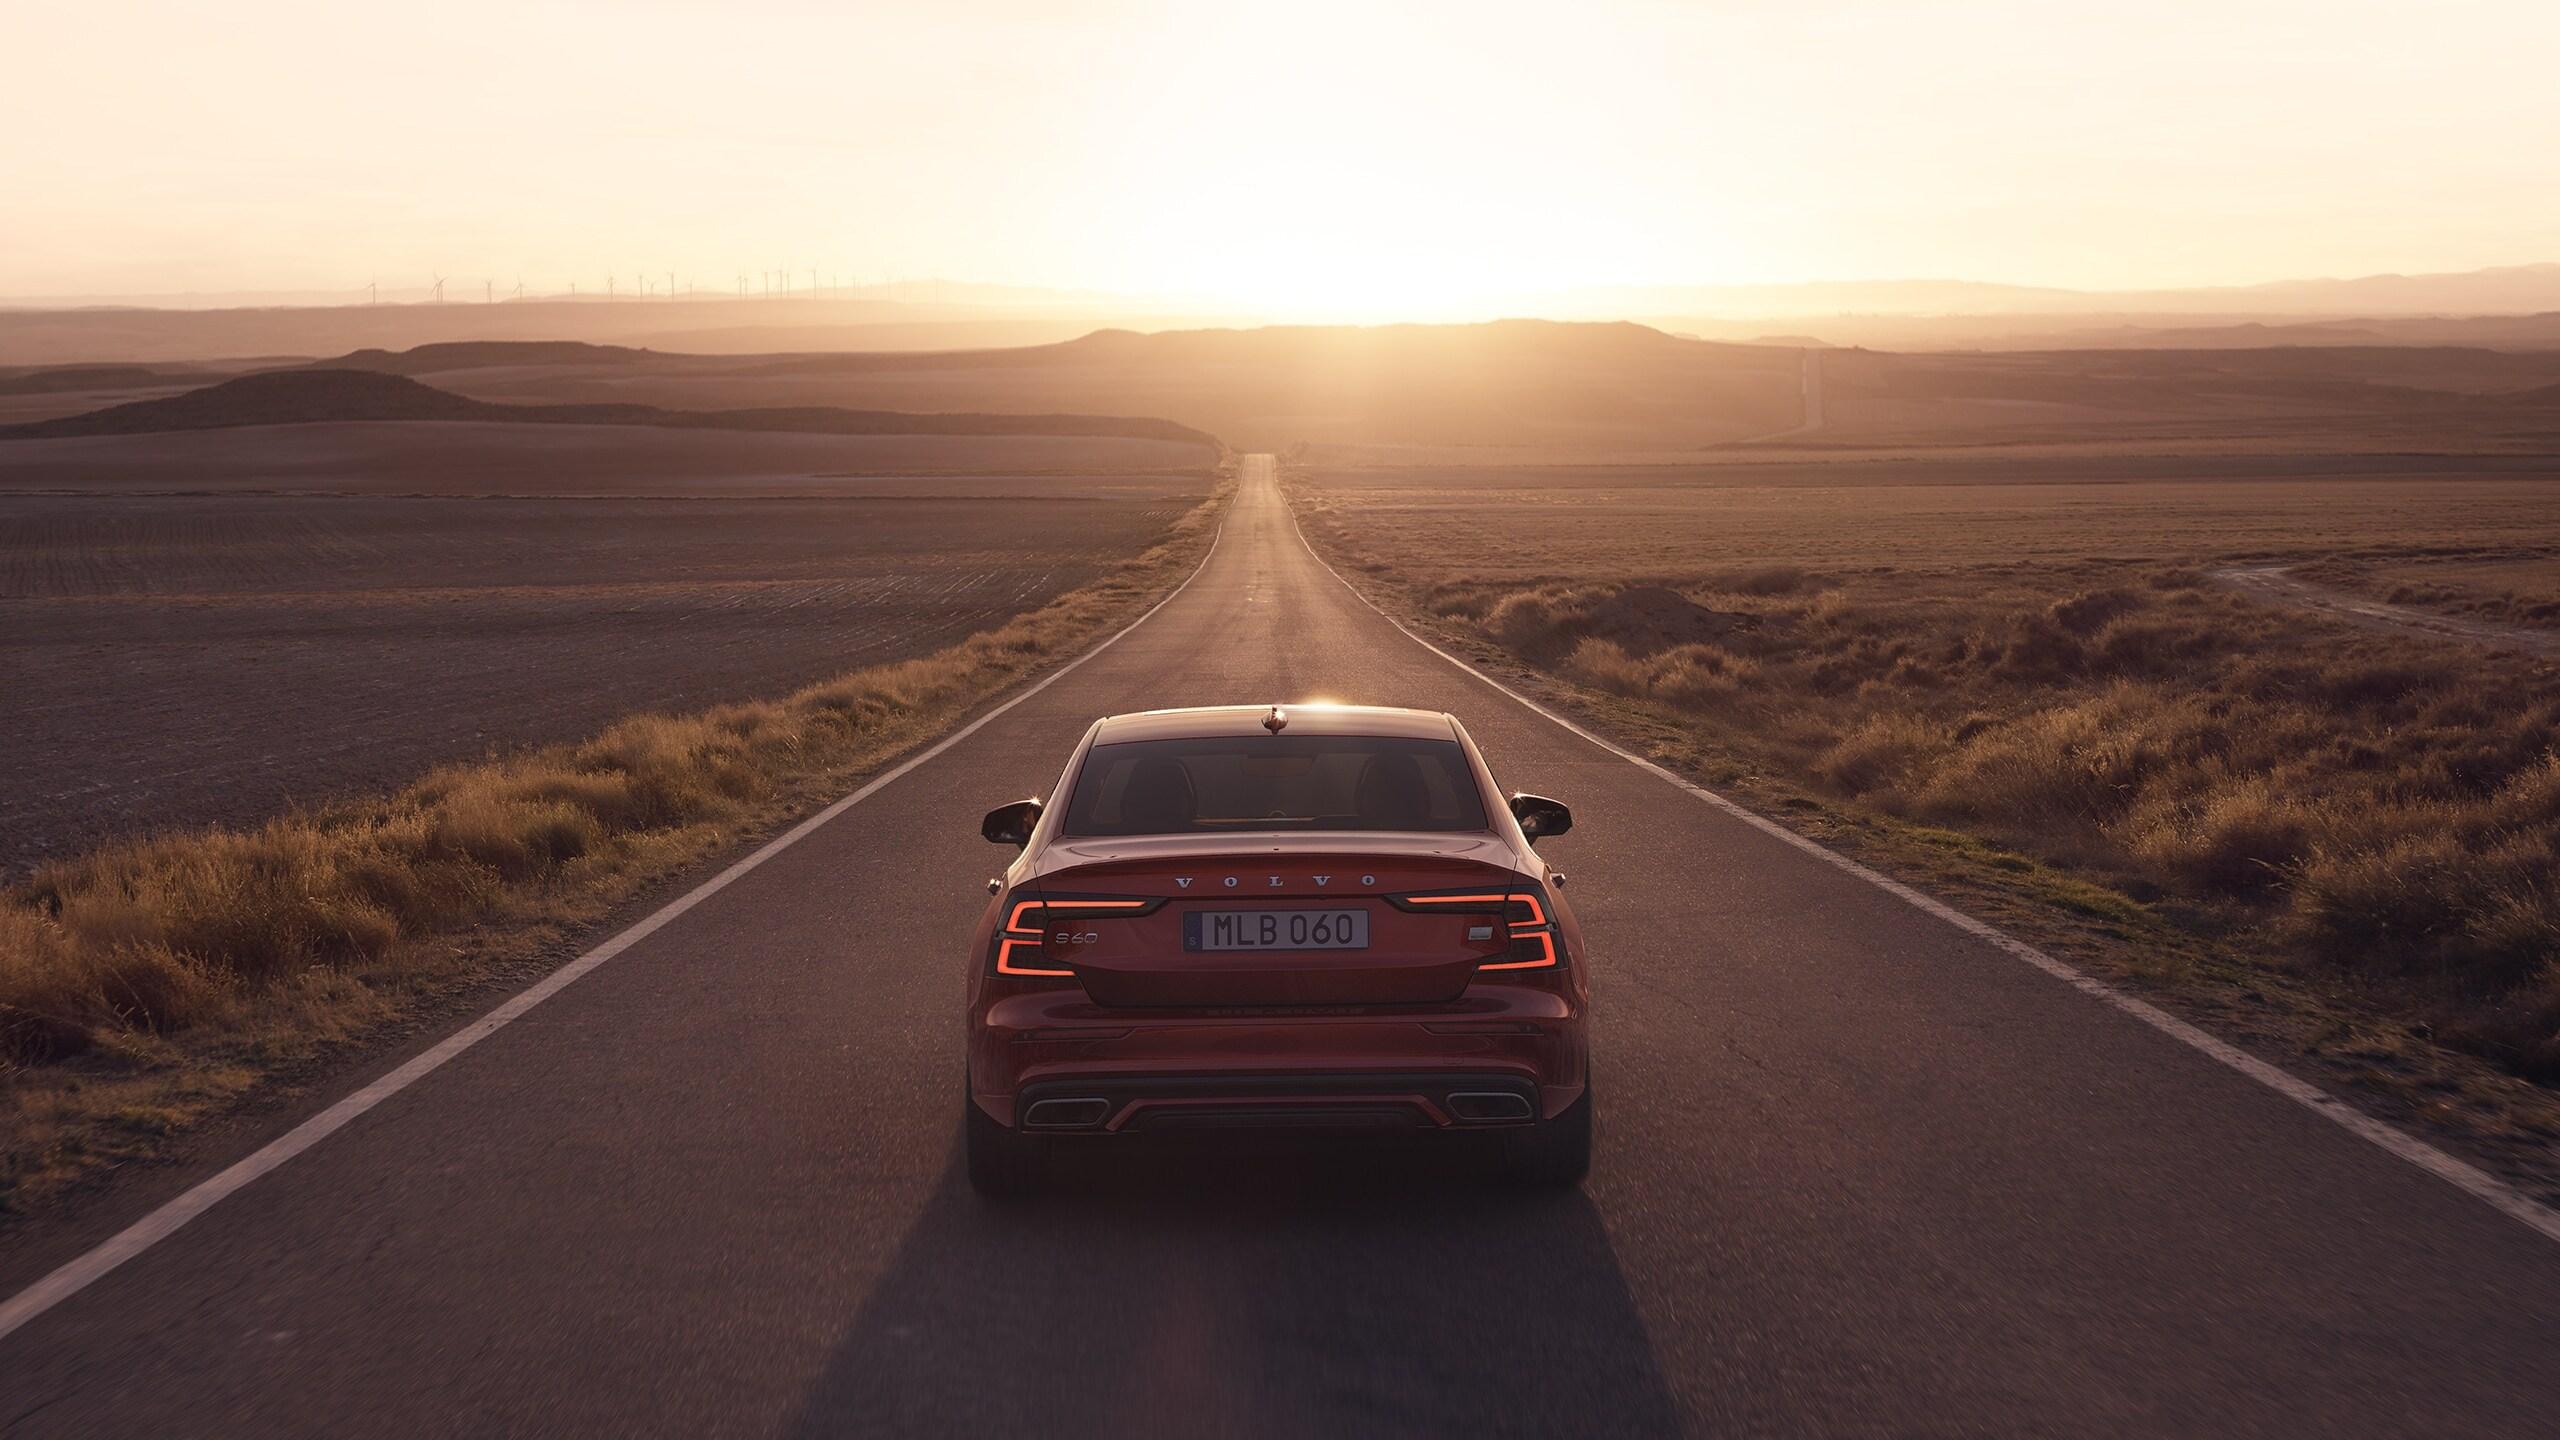 Una Volvo S60 Recharge rossa che avanza su una strada al tramonto